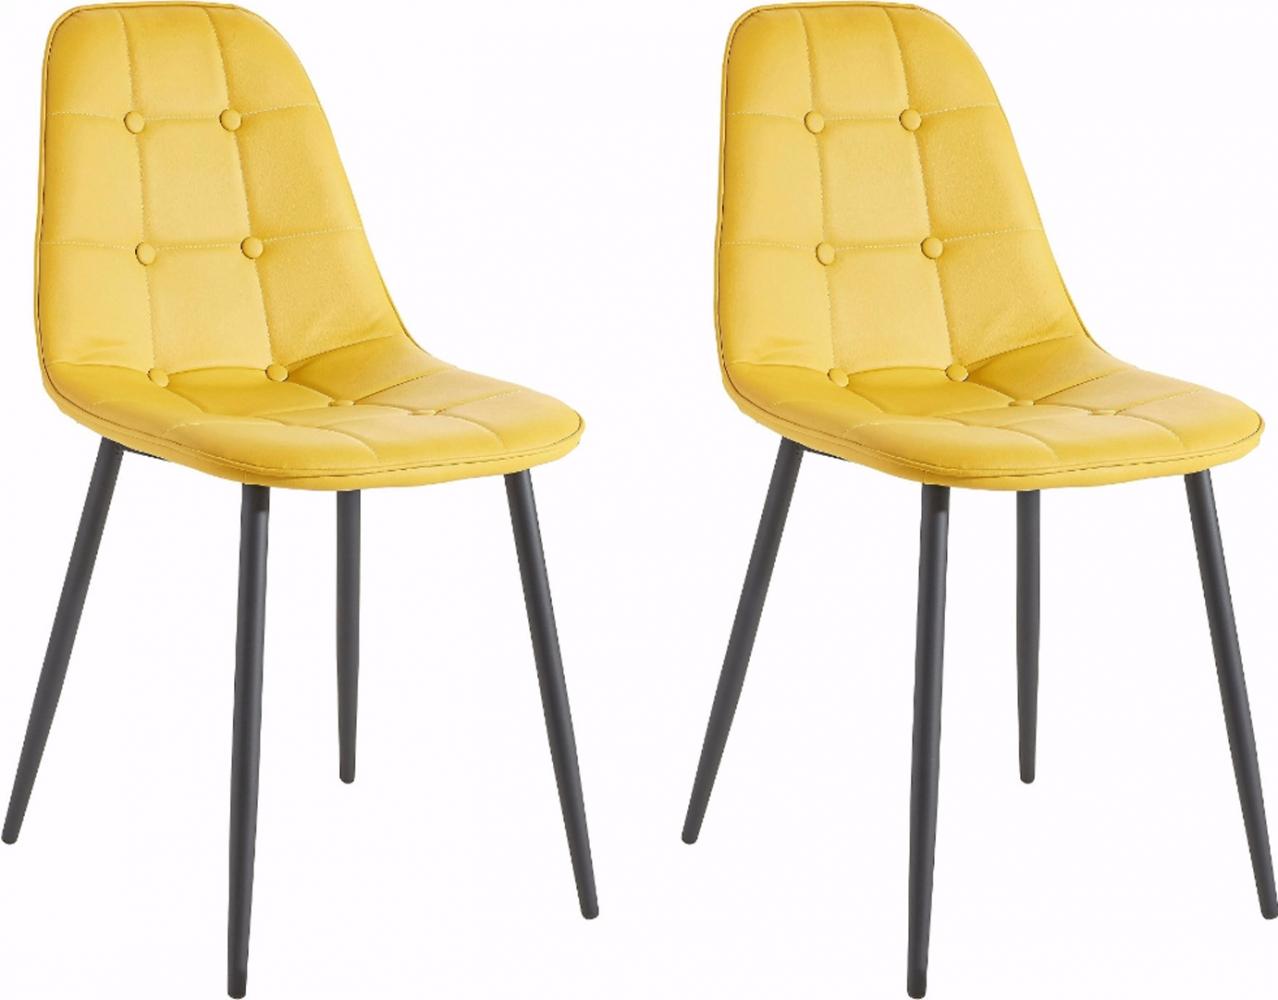 Jídelní židle Toel (SET 2 ks), žlutá